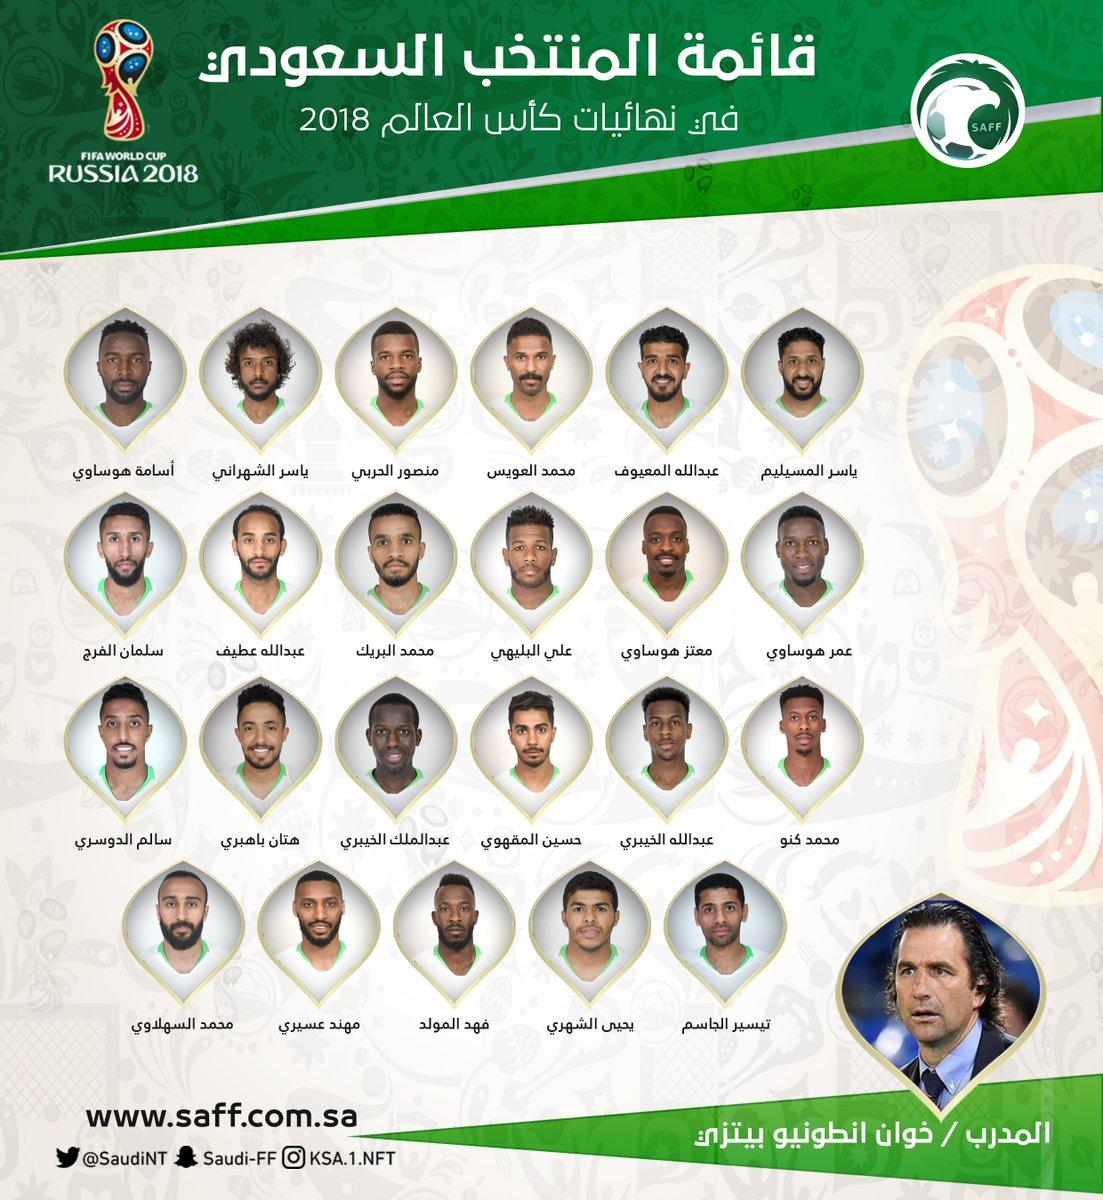 السعودية تعلن قائمتها النهائية لكأس العالم.. استبعاد نواف العابد